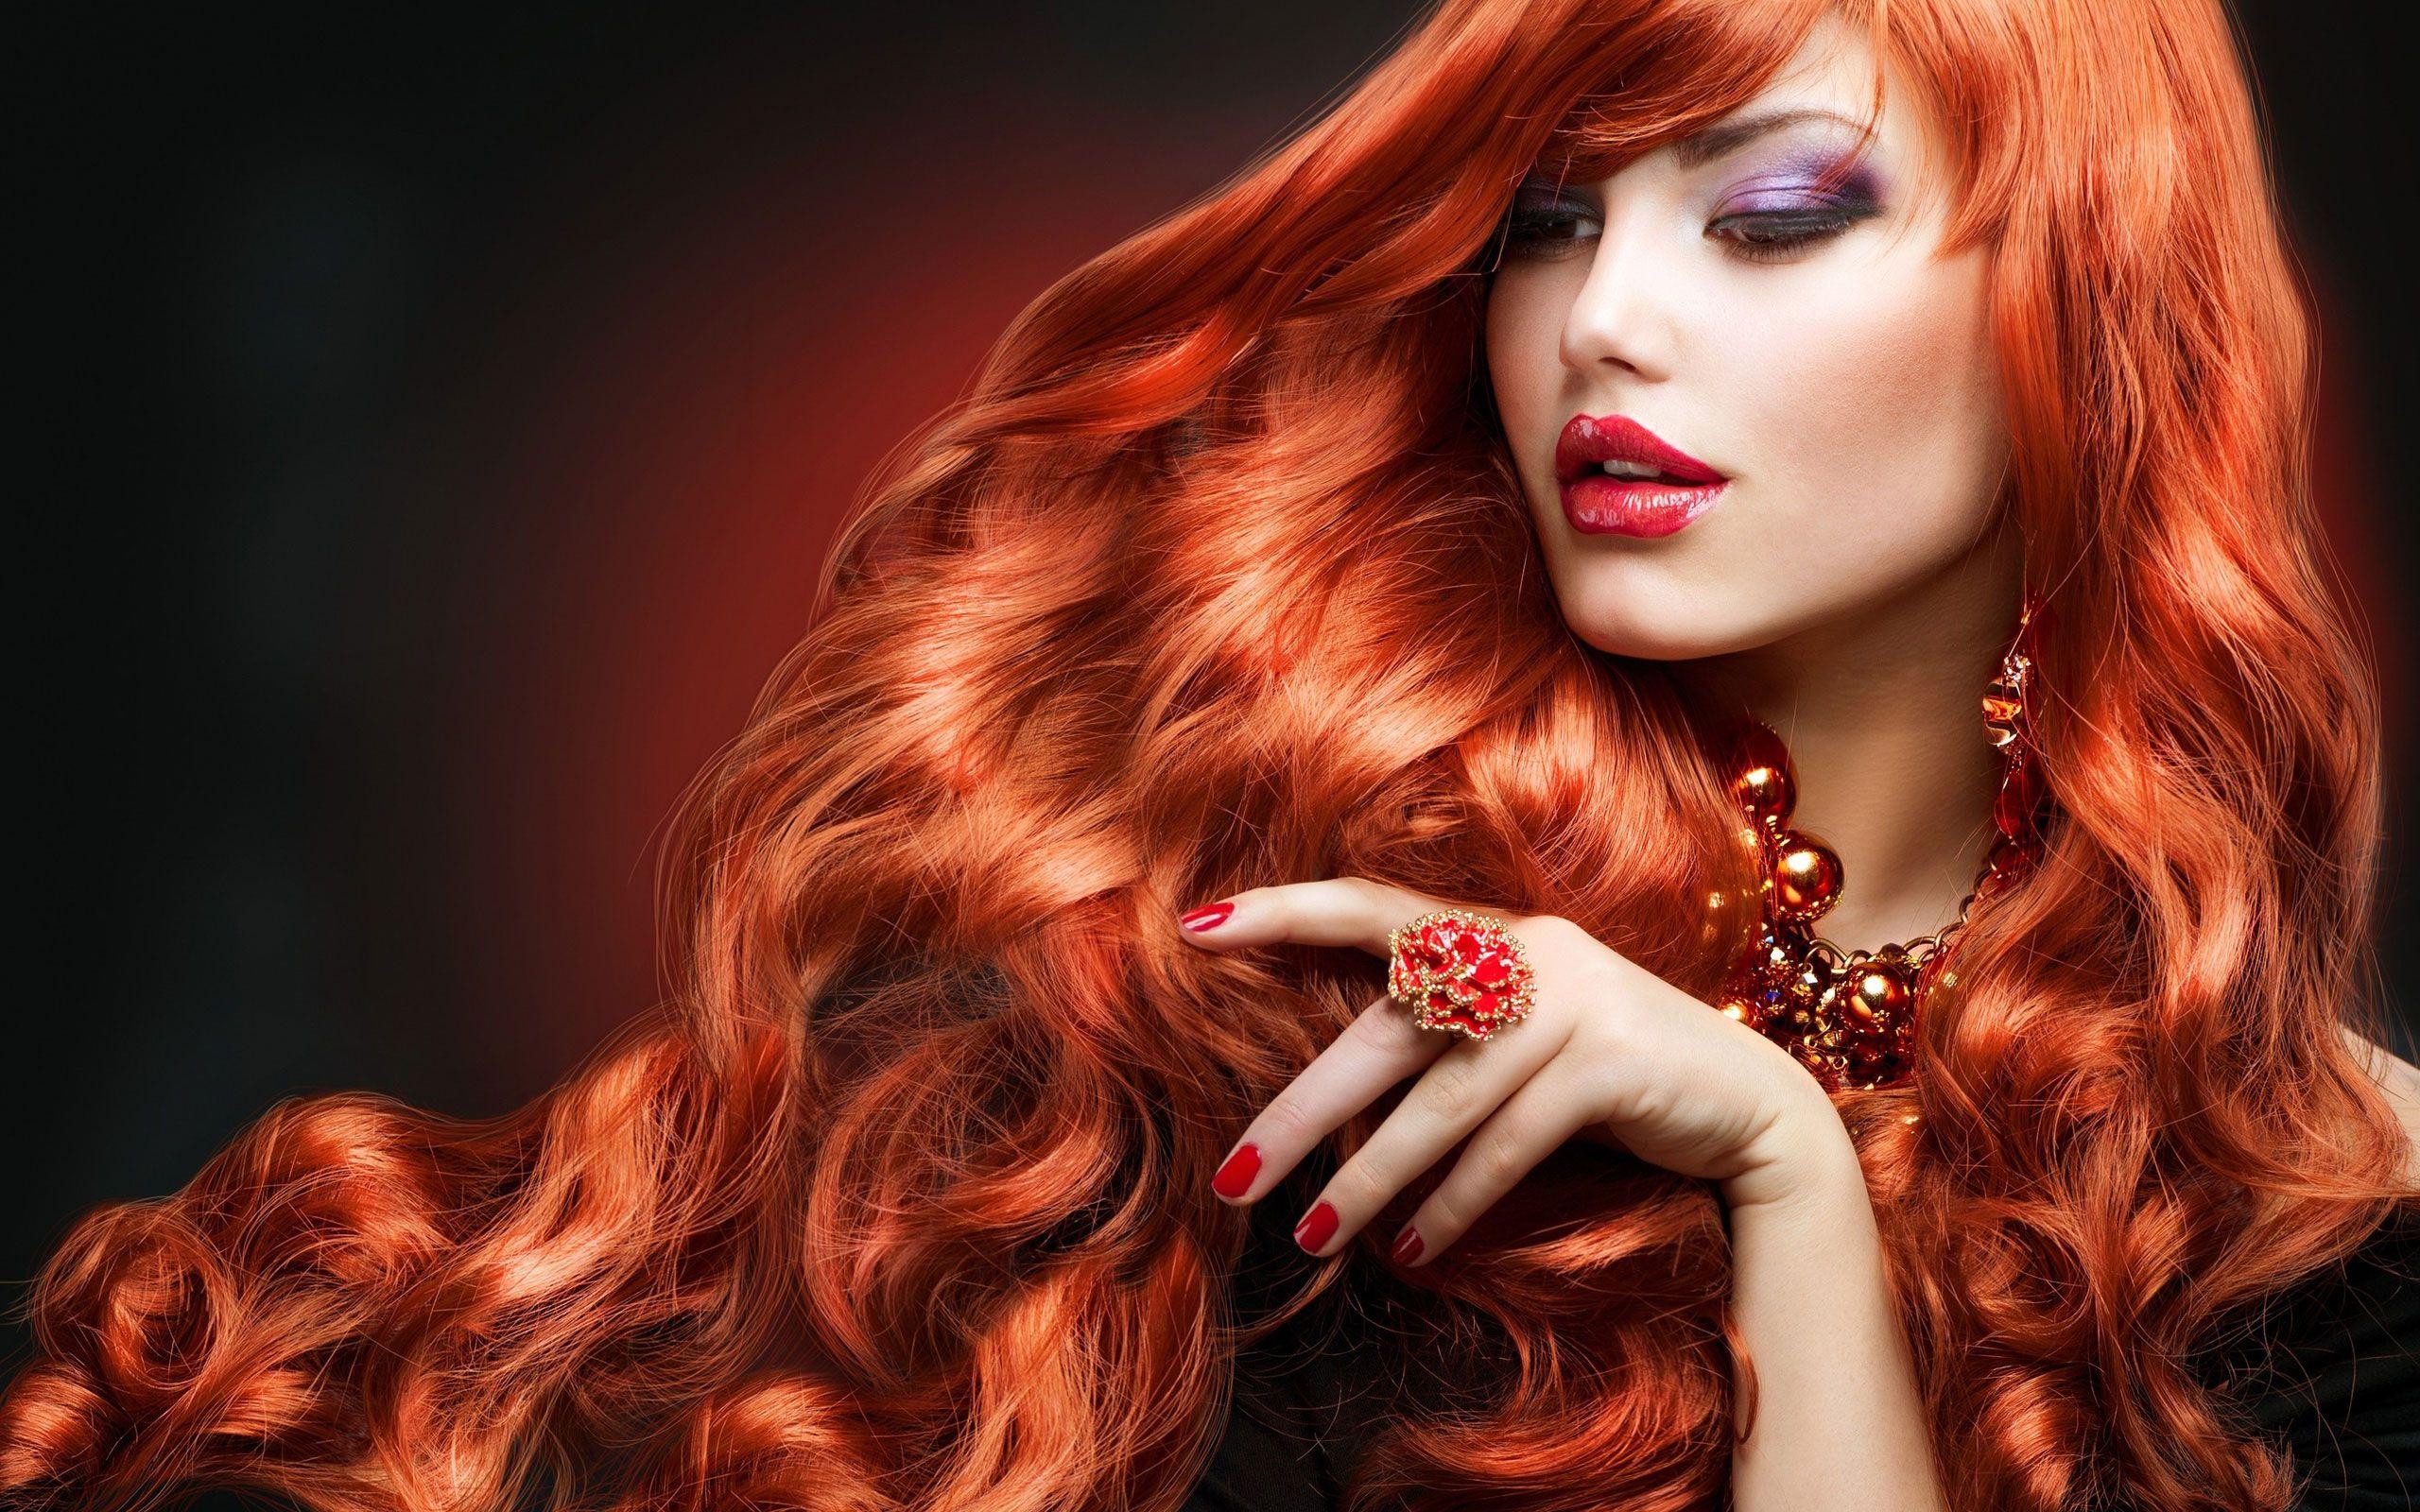 Женщины с рыжим волосами сексуальные предпочтения